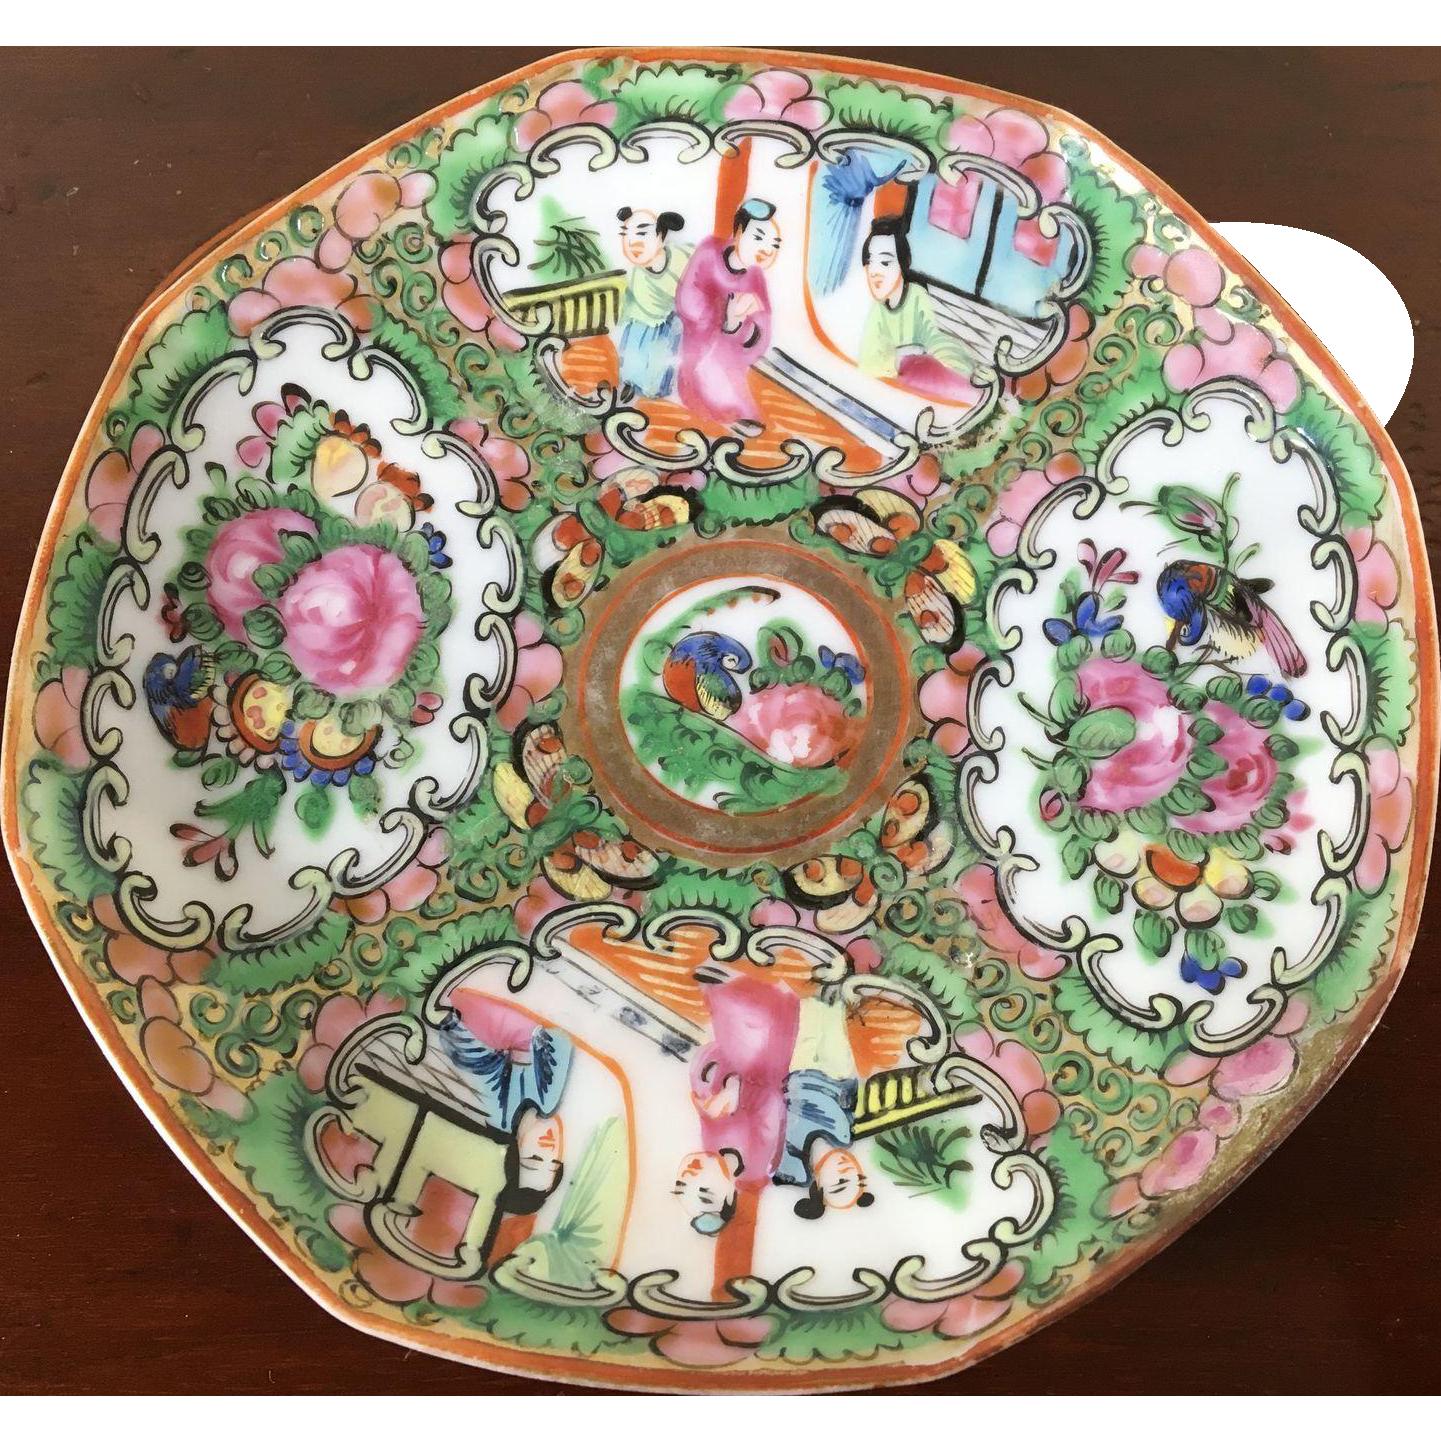 Rose Medallion Tea Plate